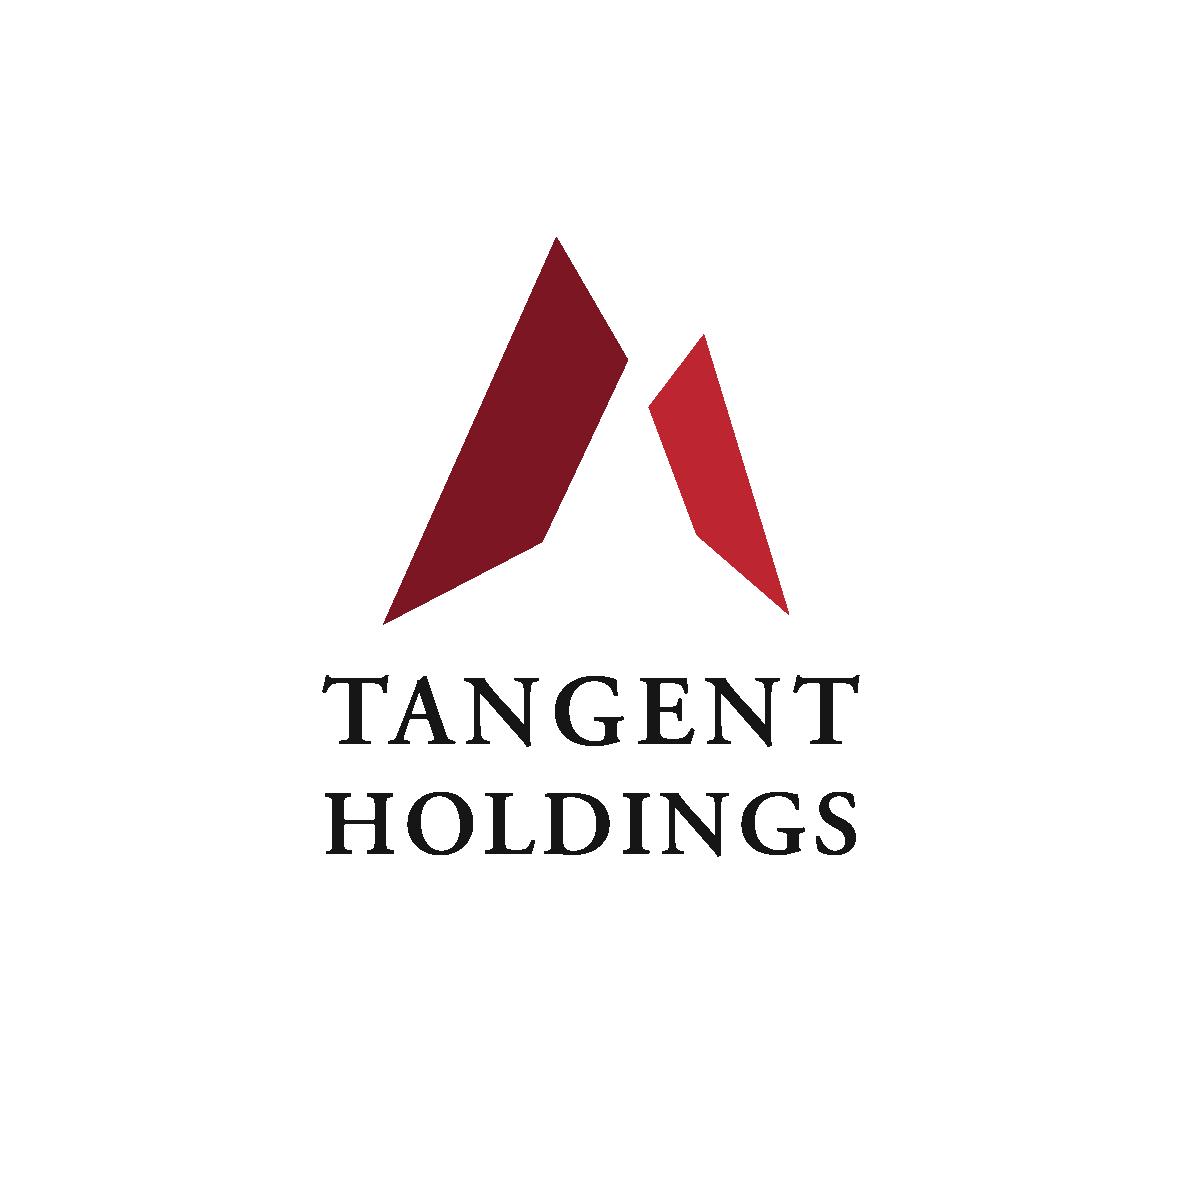 Tangent Holdings (Pvt) Ltd